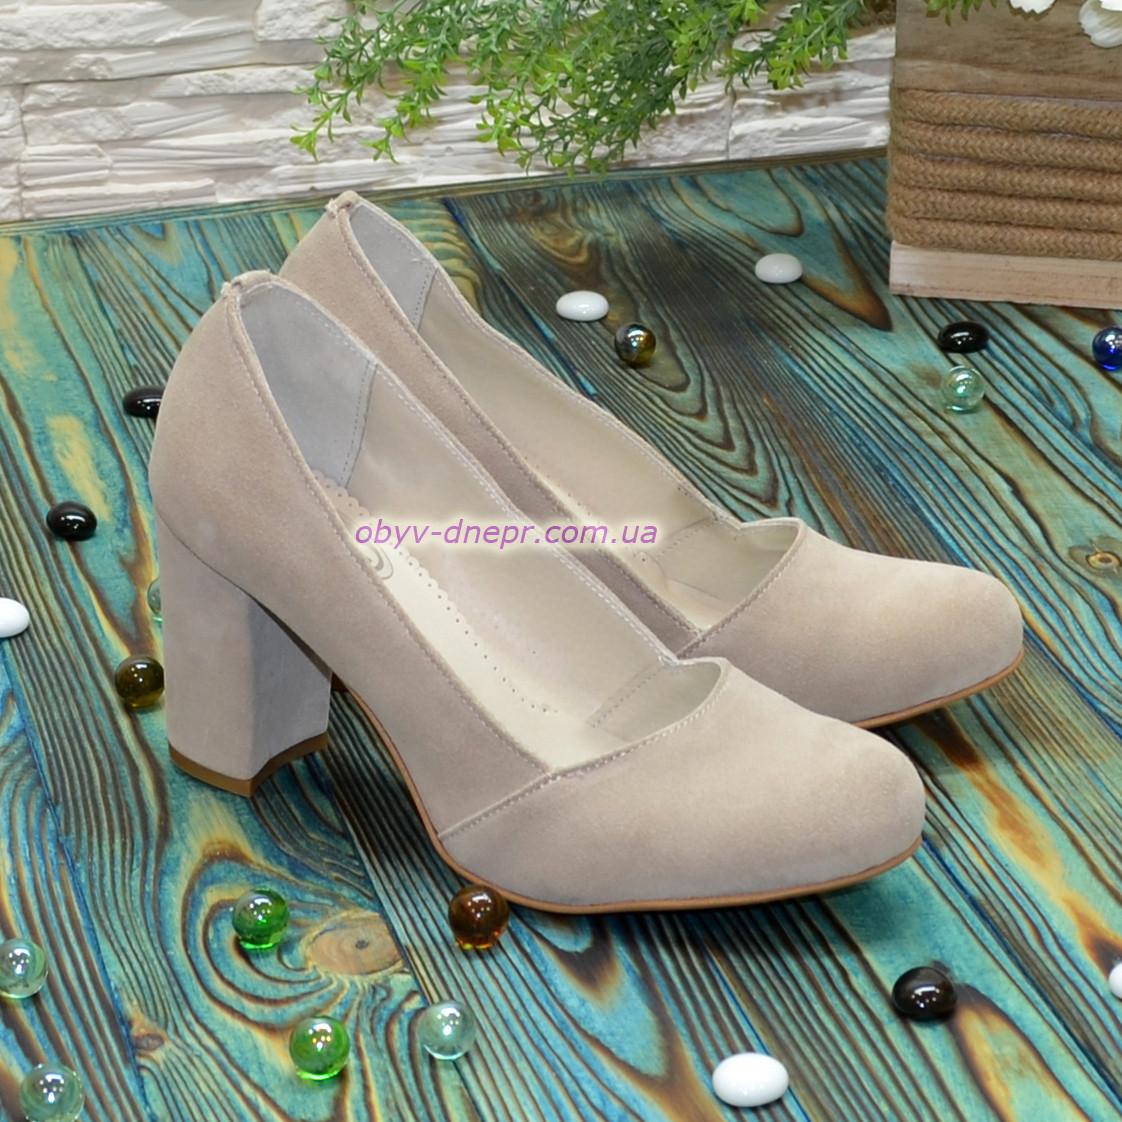 Туфлі замшеві на високому стійкому каблуці, колір бежевий